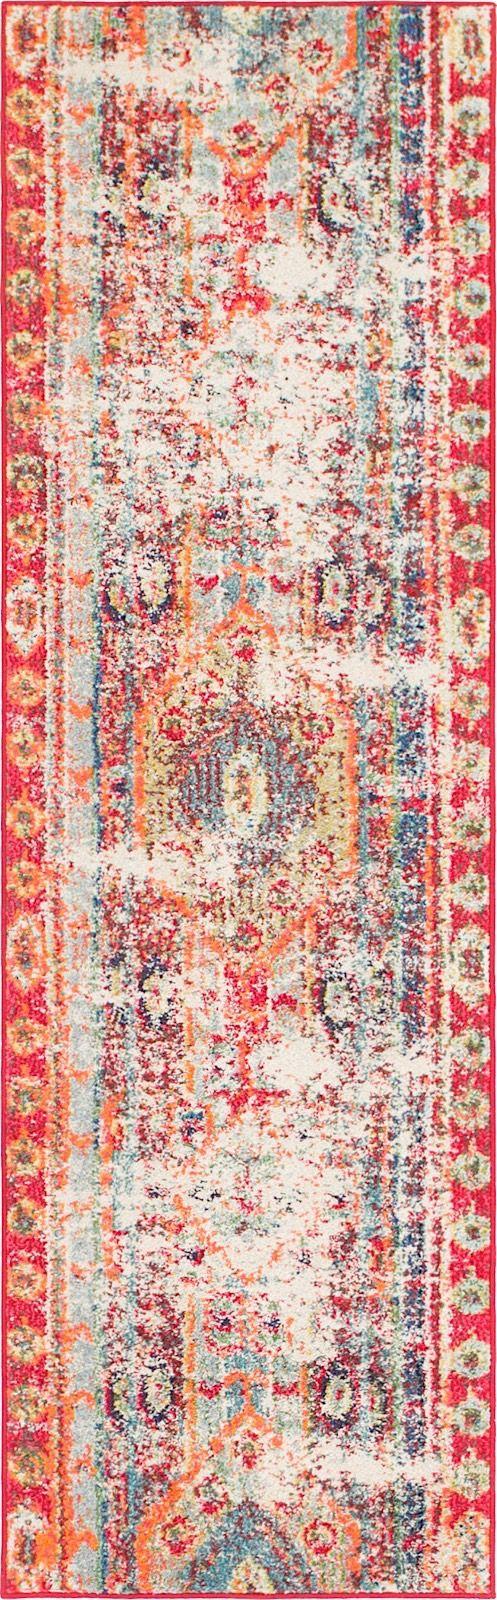 unique loom sedona contemporary area rug collection